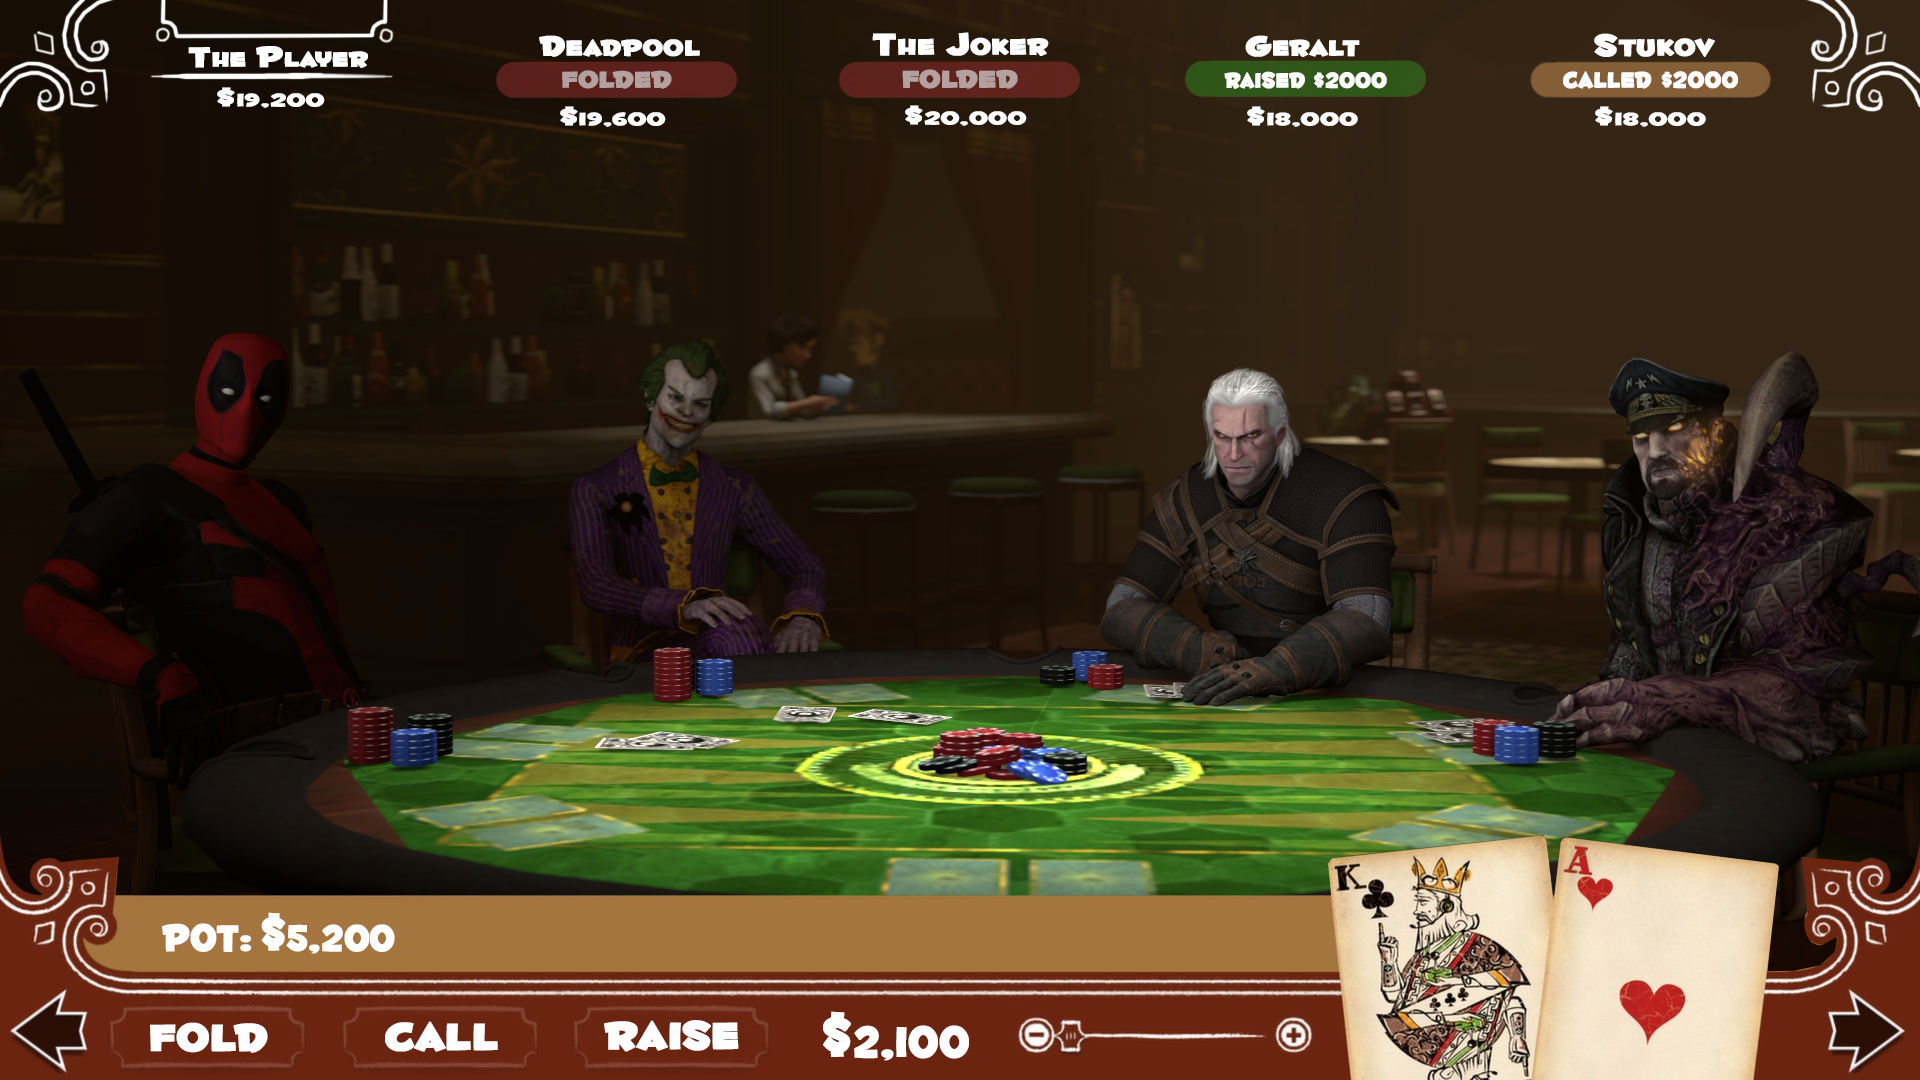 Mojito pointe casino lake charles la